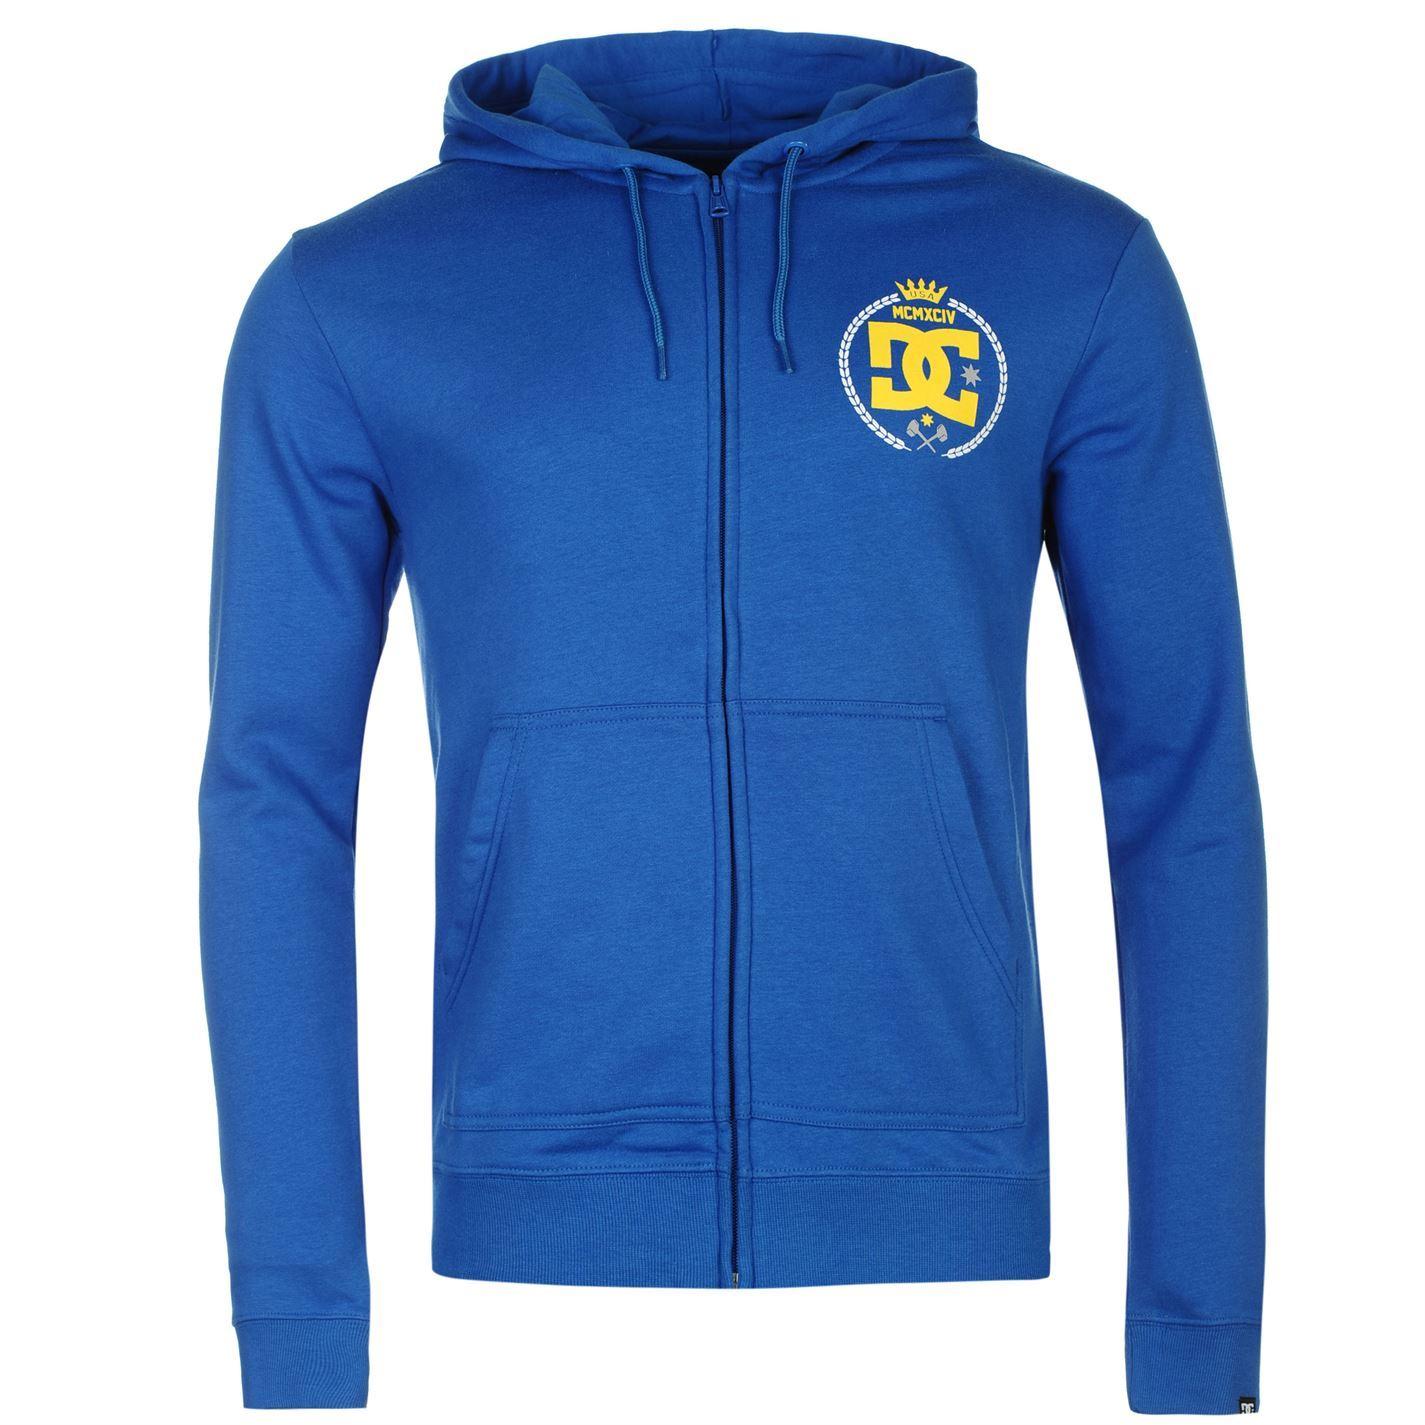 DC-Shoe-Co-Sledge-Full-Zip-Hoody-Jacket-Mens-Hoodie-Sweatshirt-Sweater-Top thumbnail 11